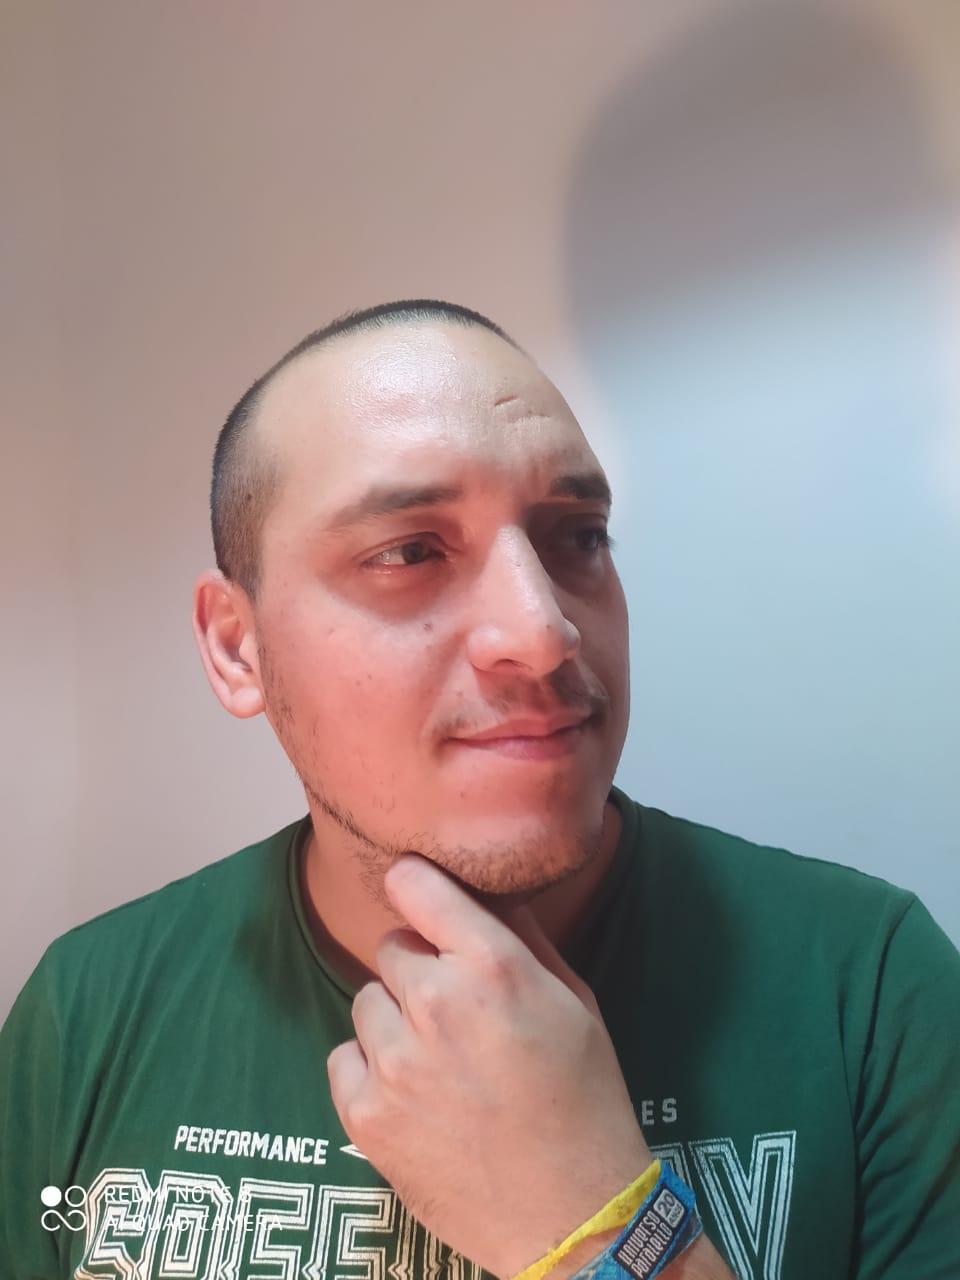 Márcio - perfil APB